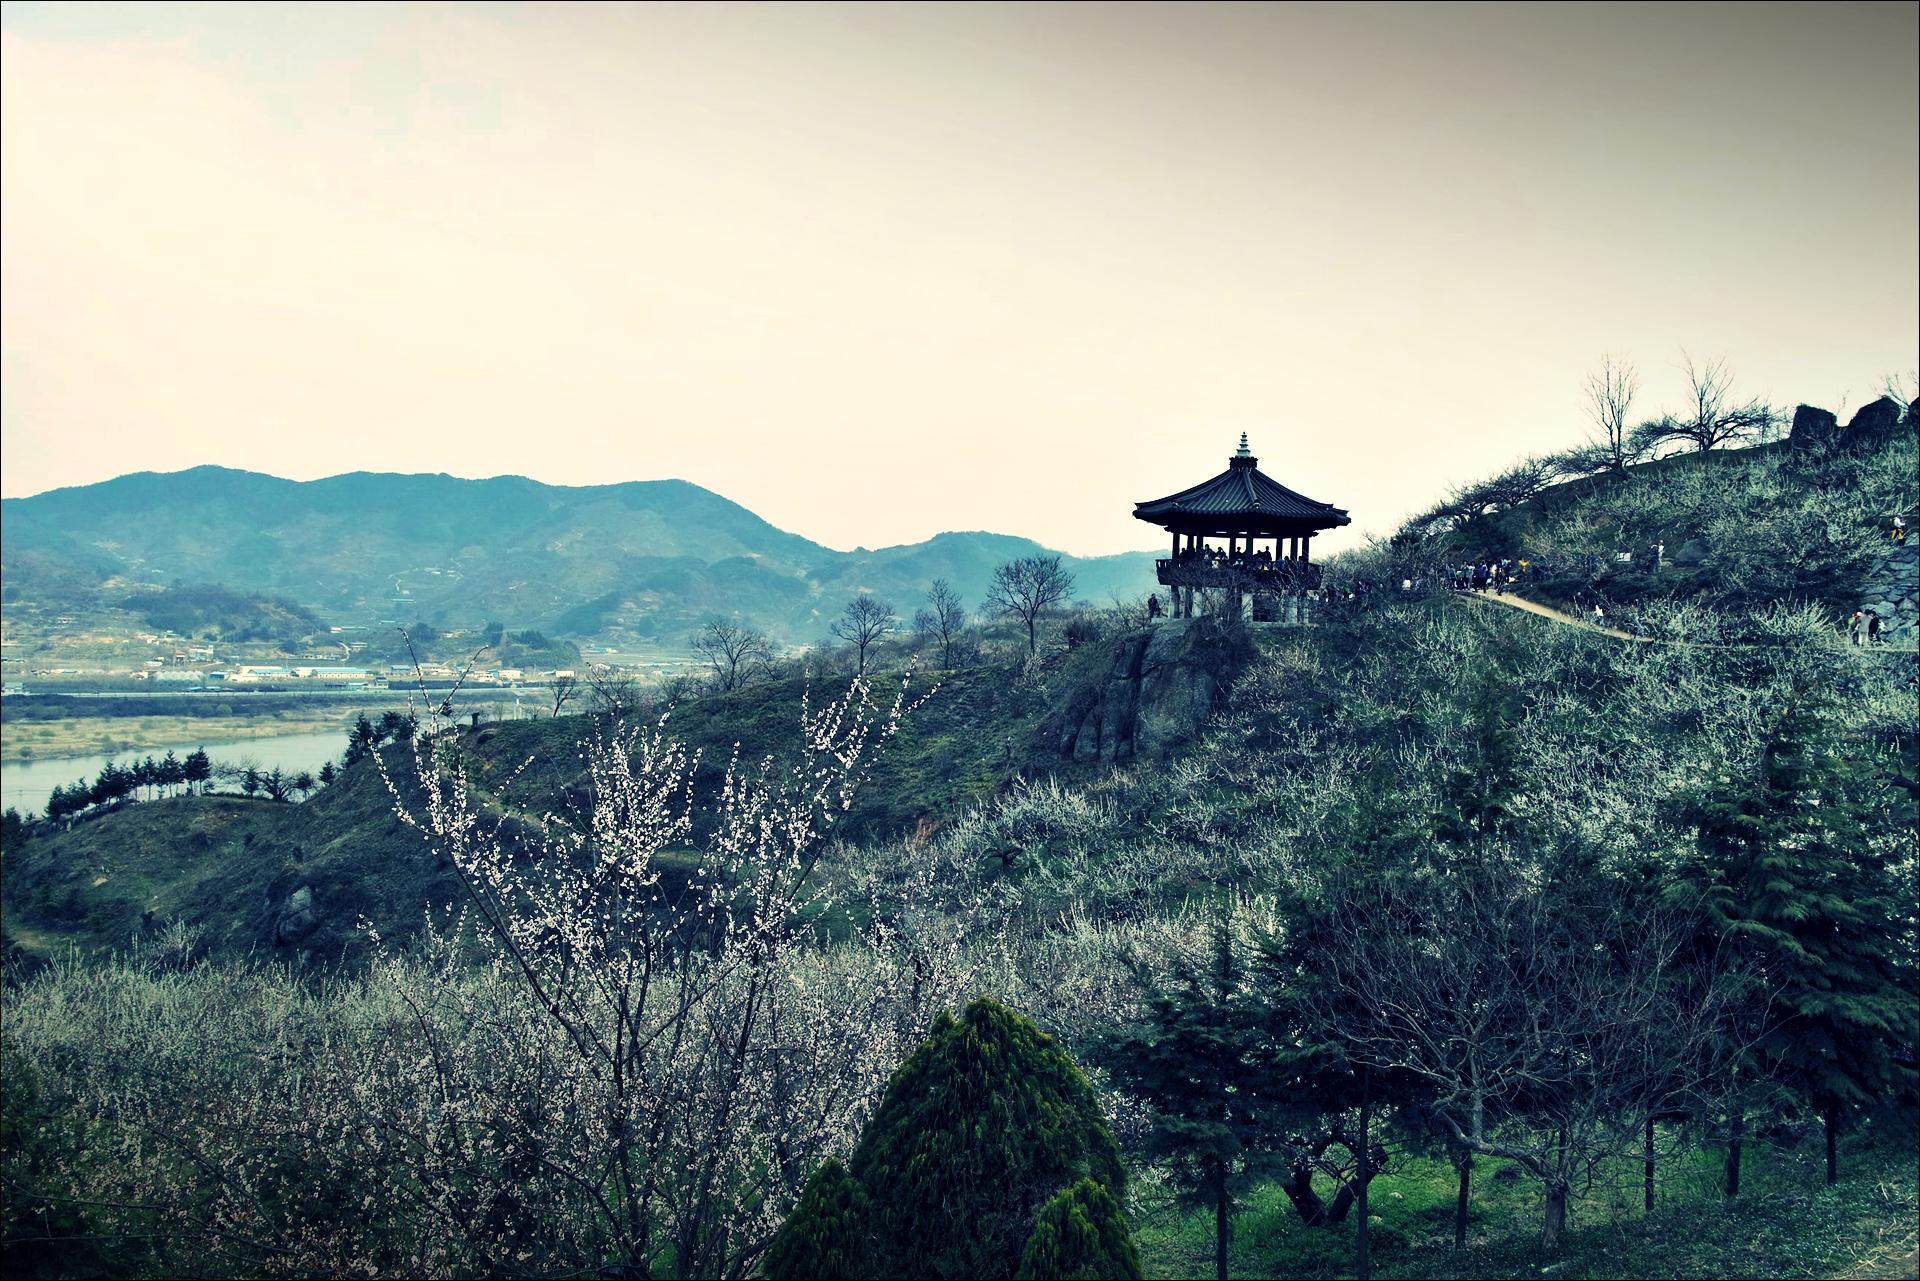 홍쌍리 매실마을 매화축제 apricot blossom festival-'풍경'